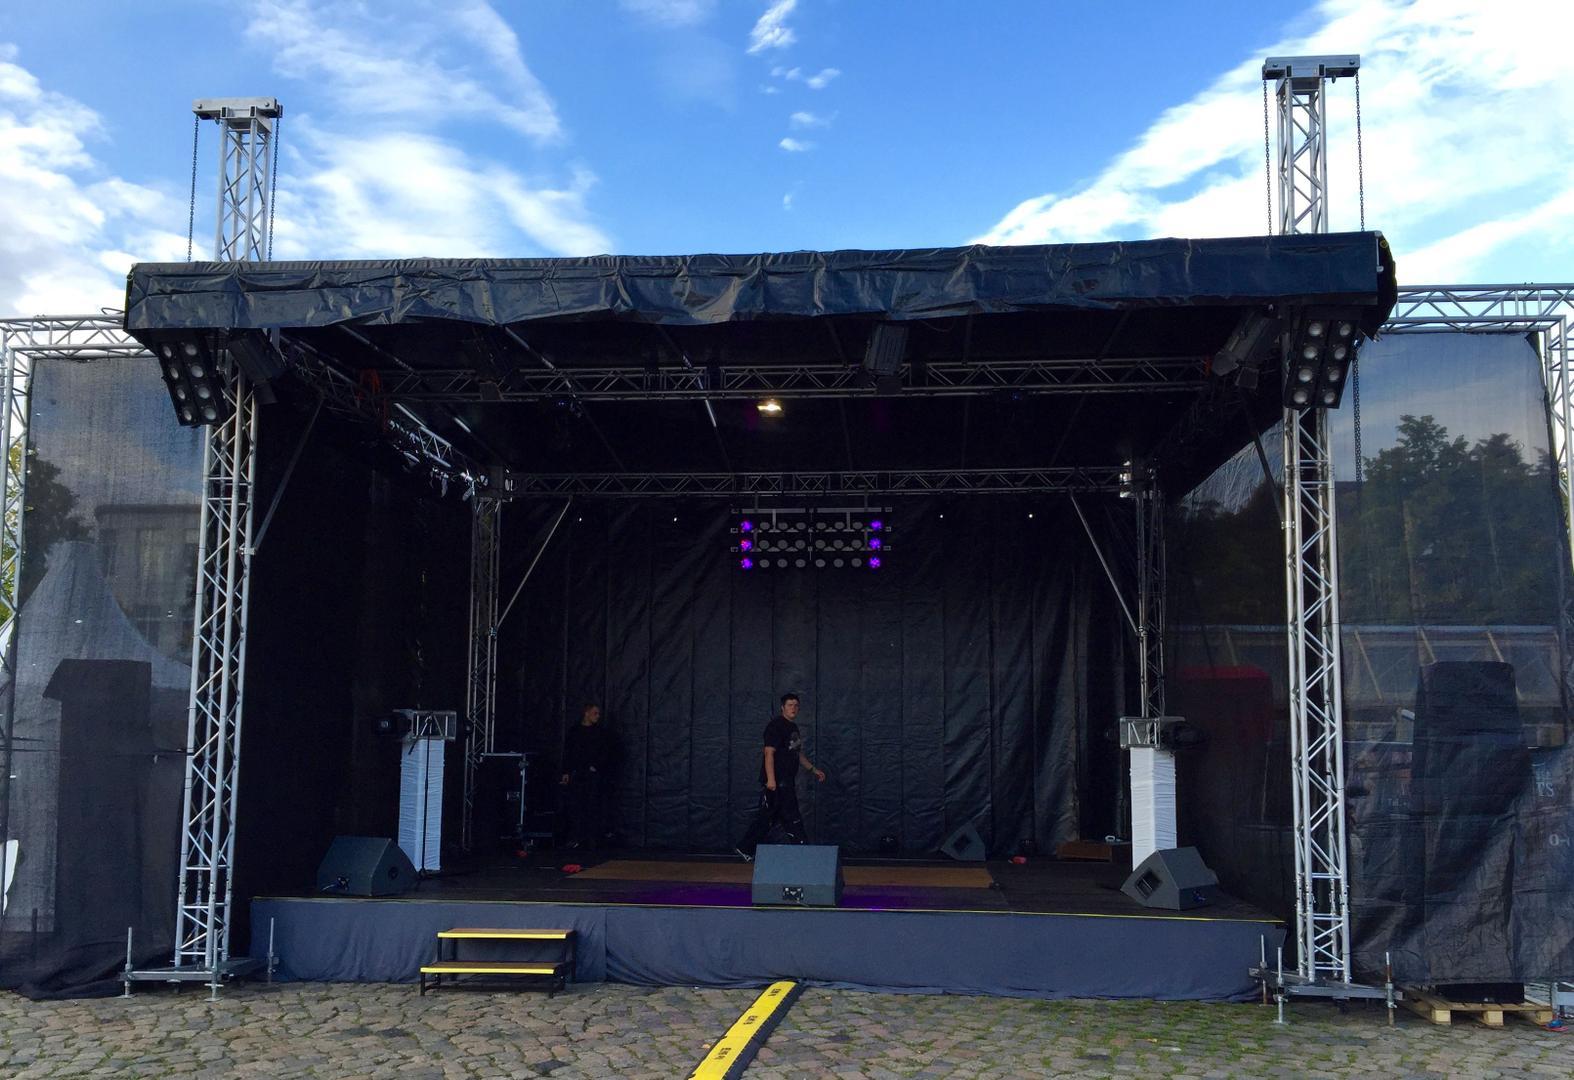 Bühne mieten & vermieten - Open Air Bühne, Event Bühne, Konventionelle Bühne, 6 x 8 x 5m in Neumünster